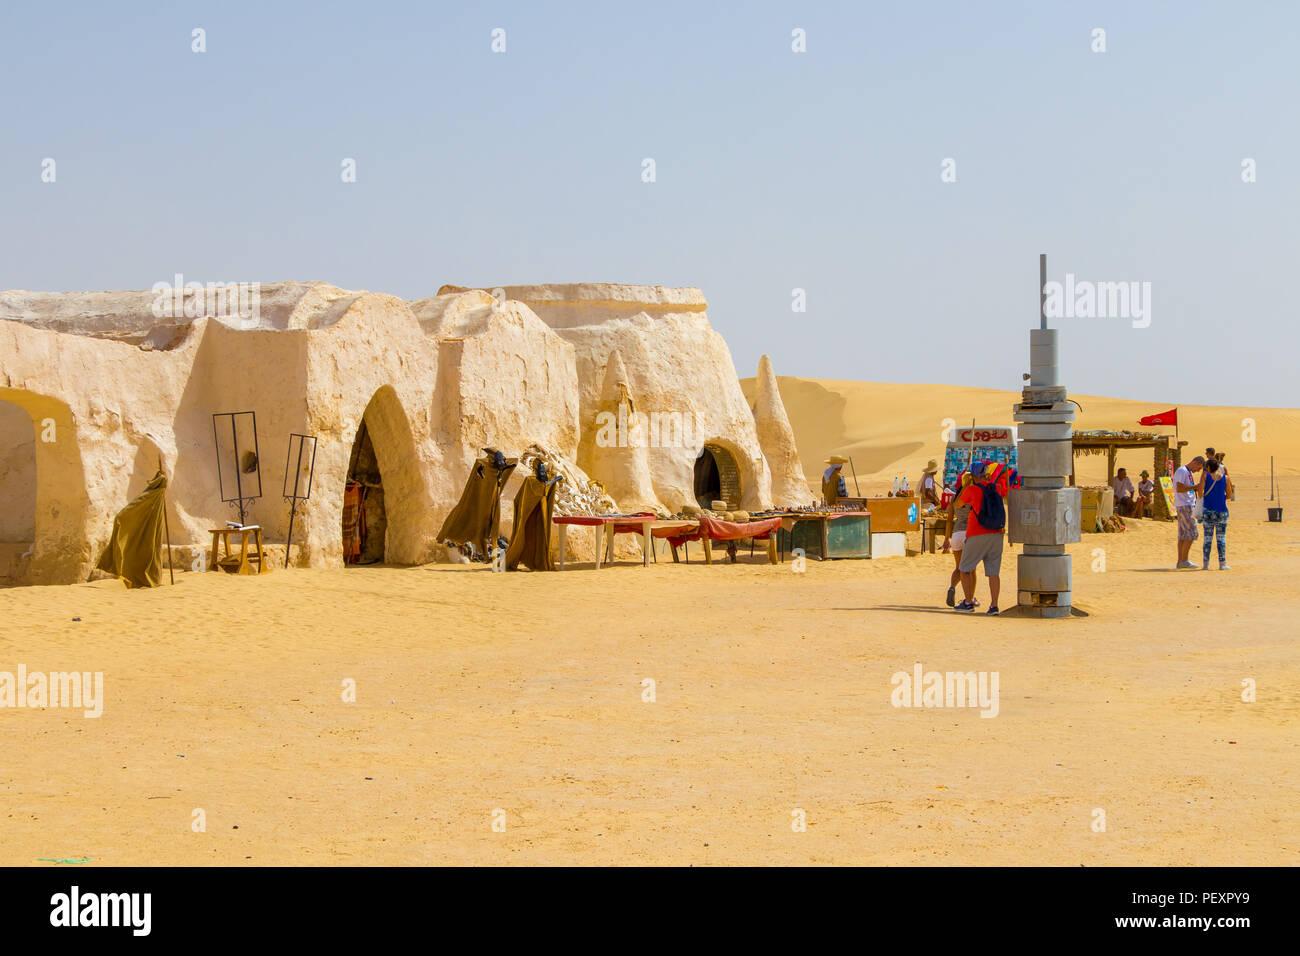 Las personas y los falsos trajes de Darth Vader de star wars, Túnez, África Imagen De Stock